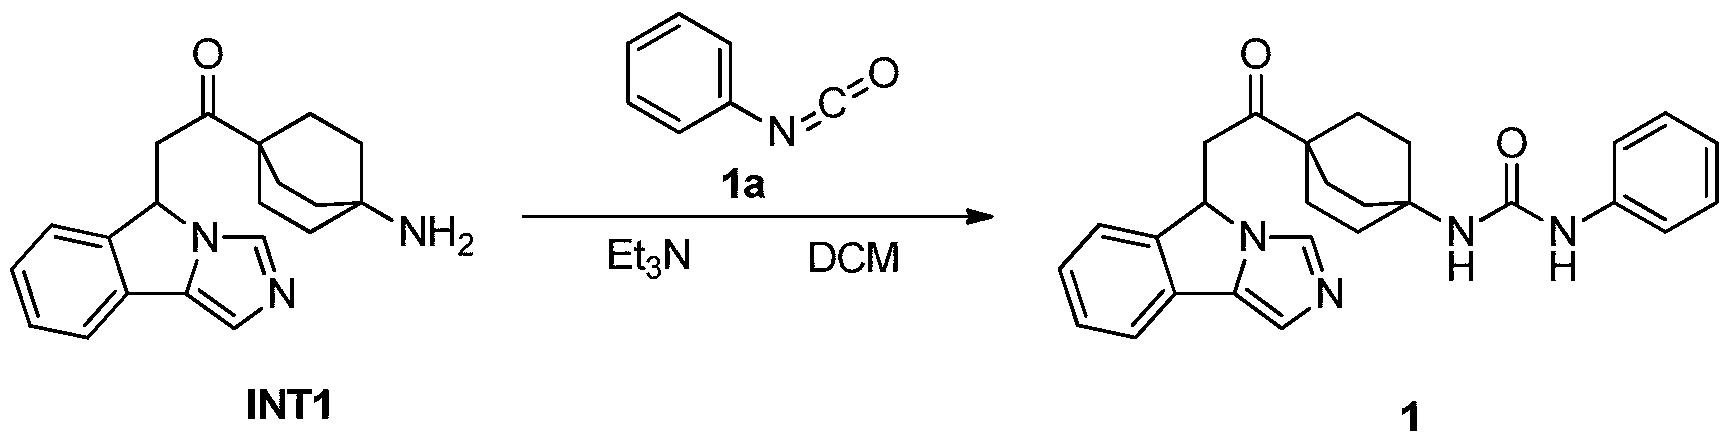 Figure PCTCN2017084604-appb-000231